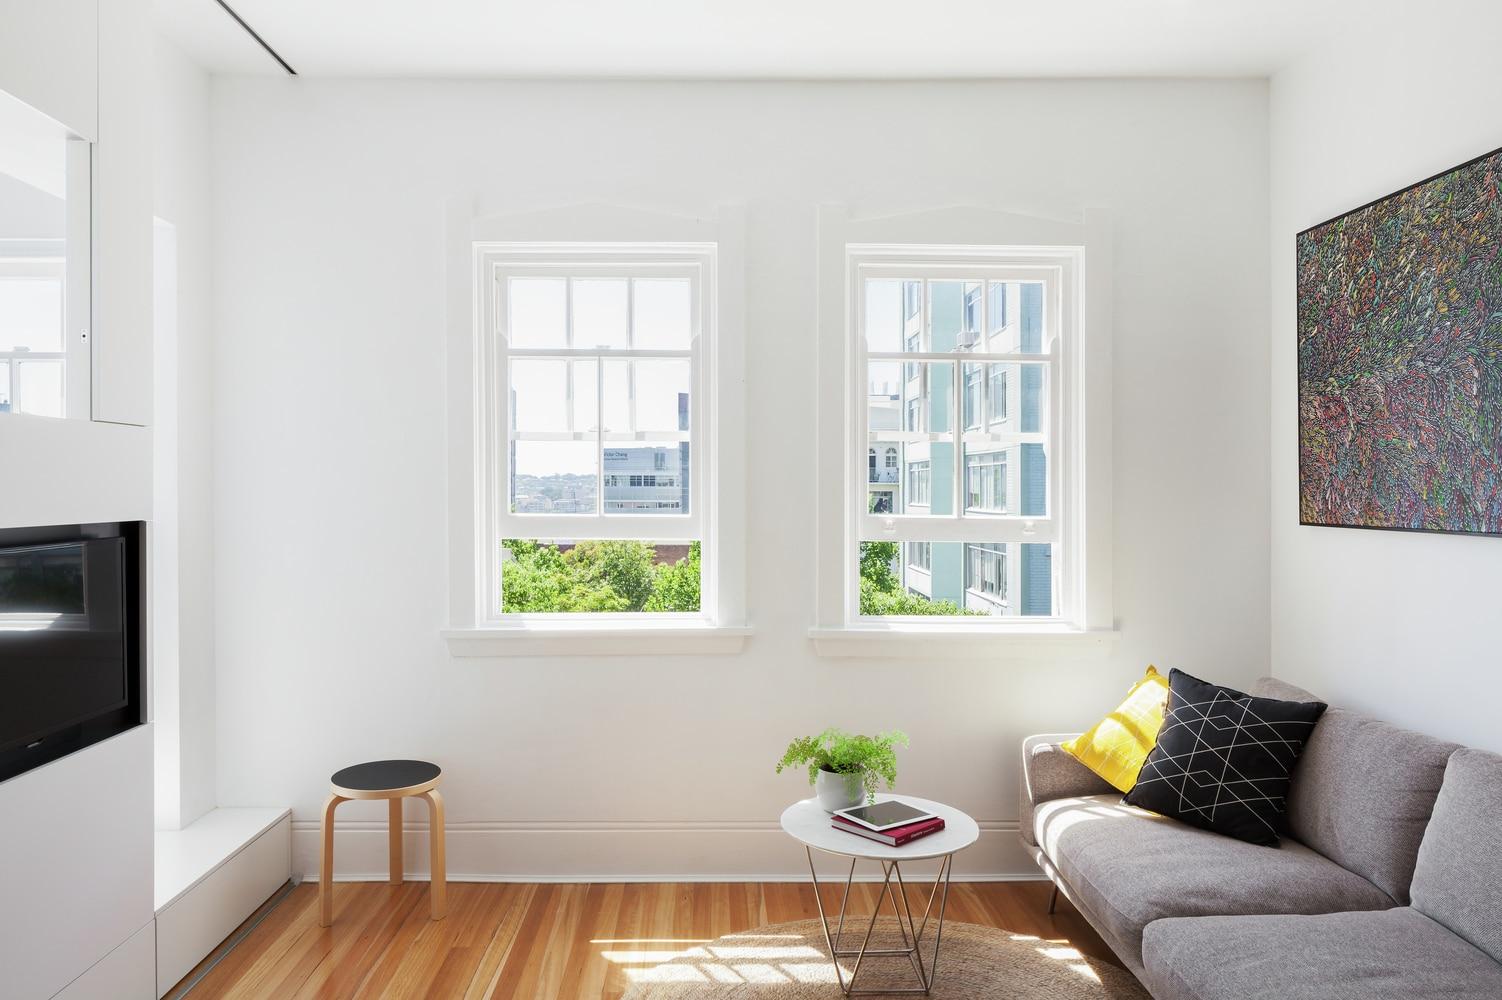 Pr ctico departamento de 27 metros cuadrados construye hogar for Muebles departamento pequeno